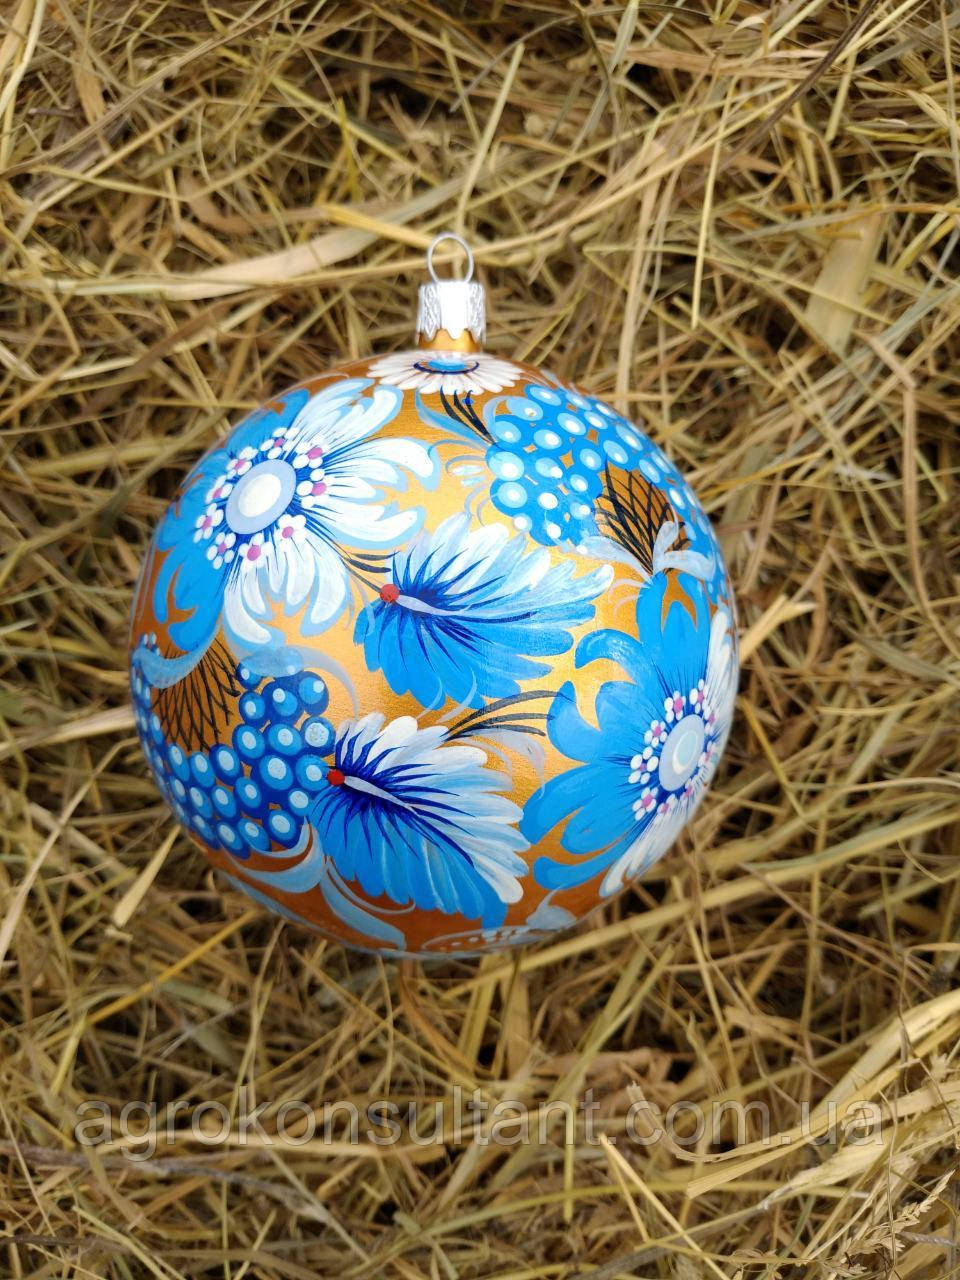 Ёлочный шар голубой, Петриковская роспись (ручная работа) — Christmas ball blue, Petrikov painting (handmade).